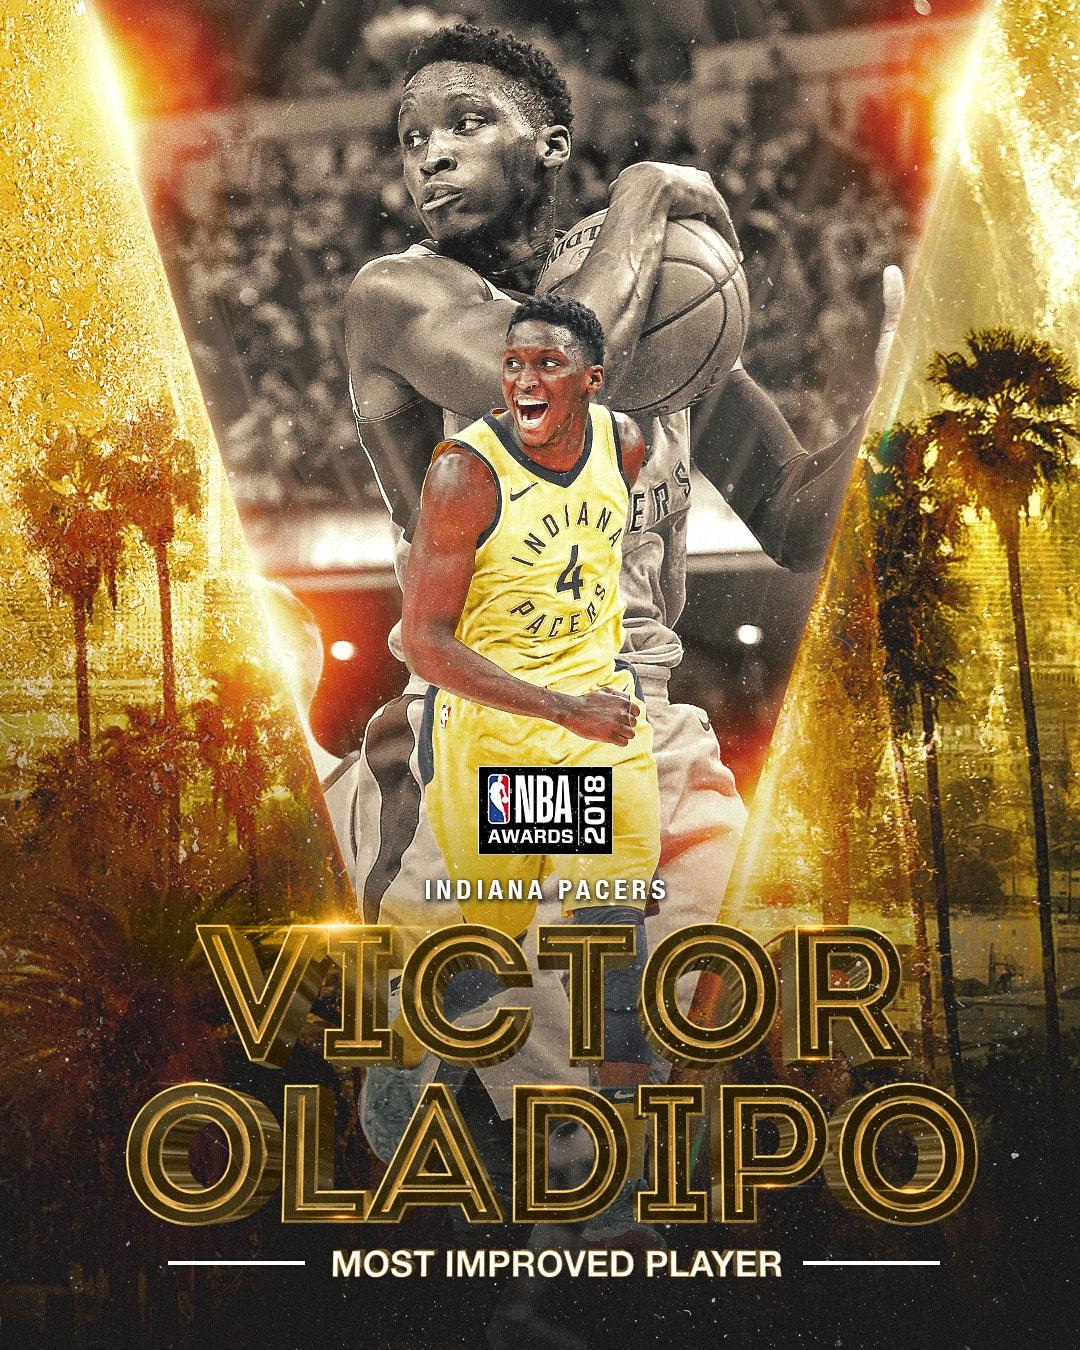 NBA Awards NBA Most Improved Player Award - Oladipo